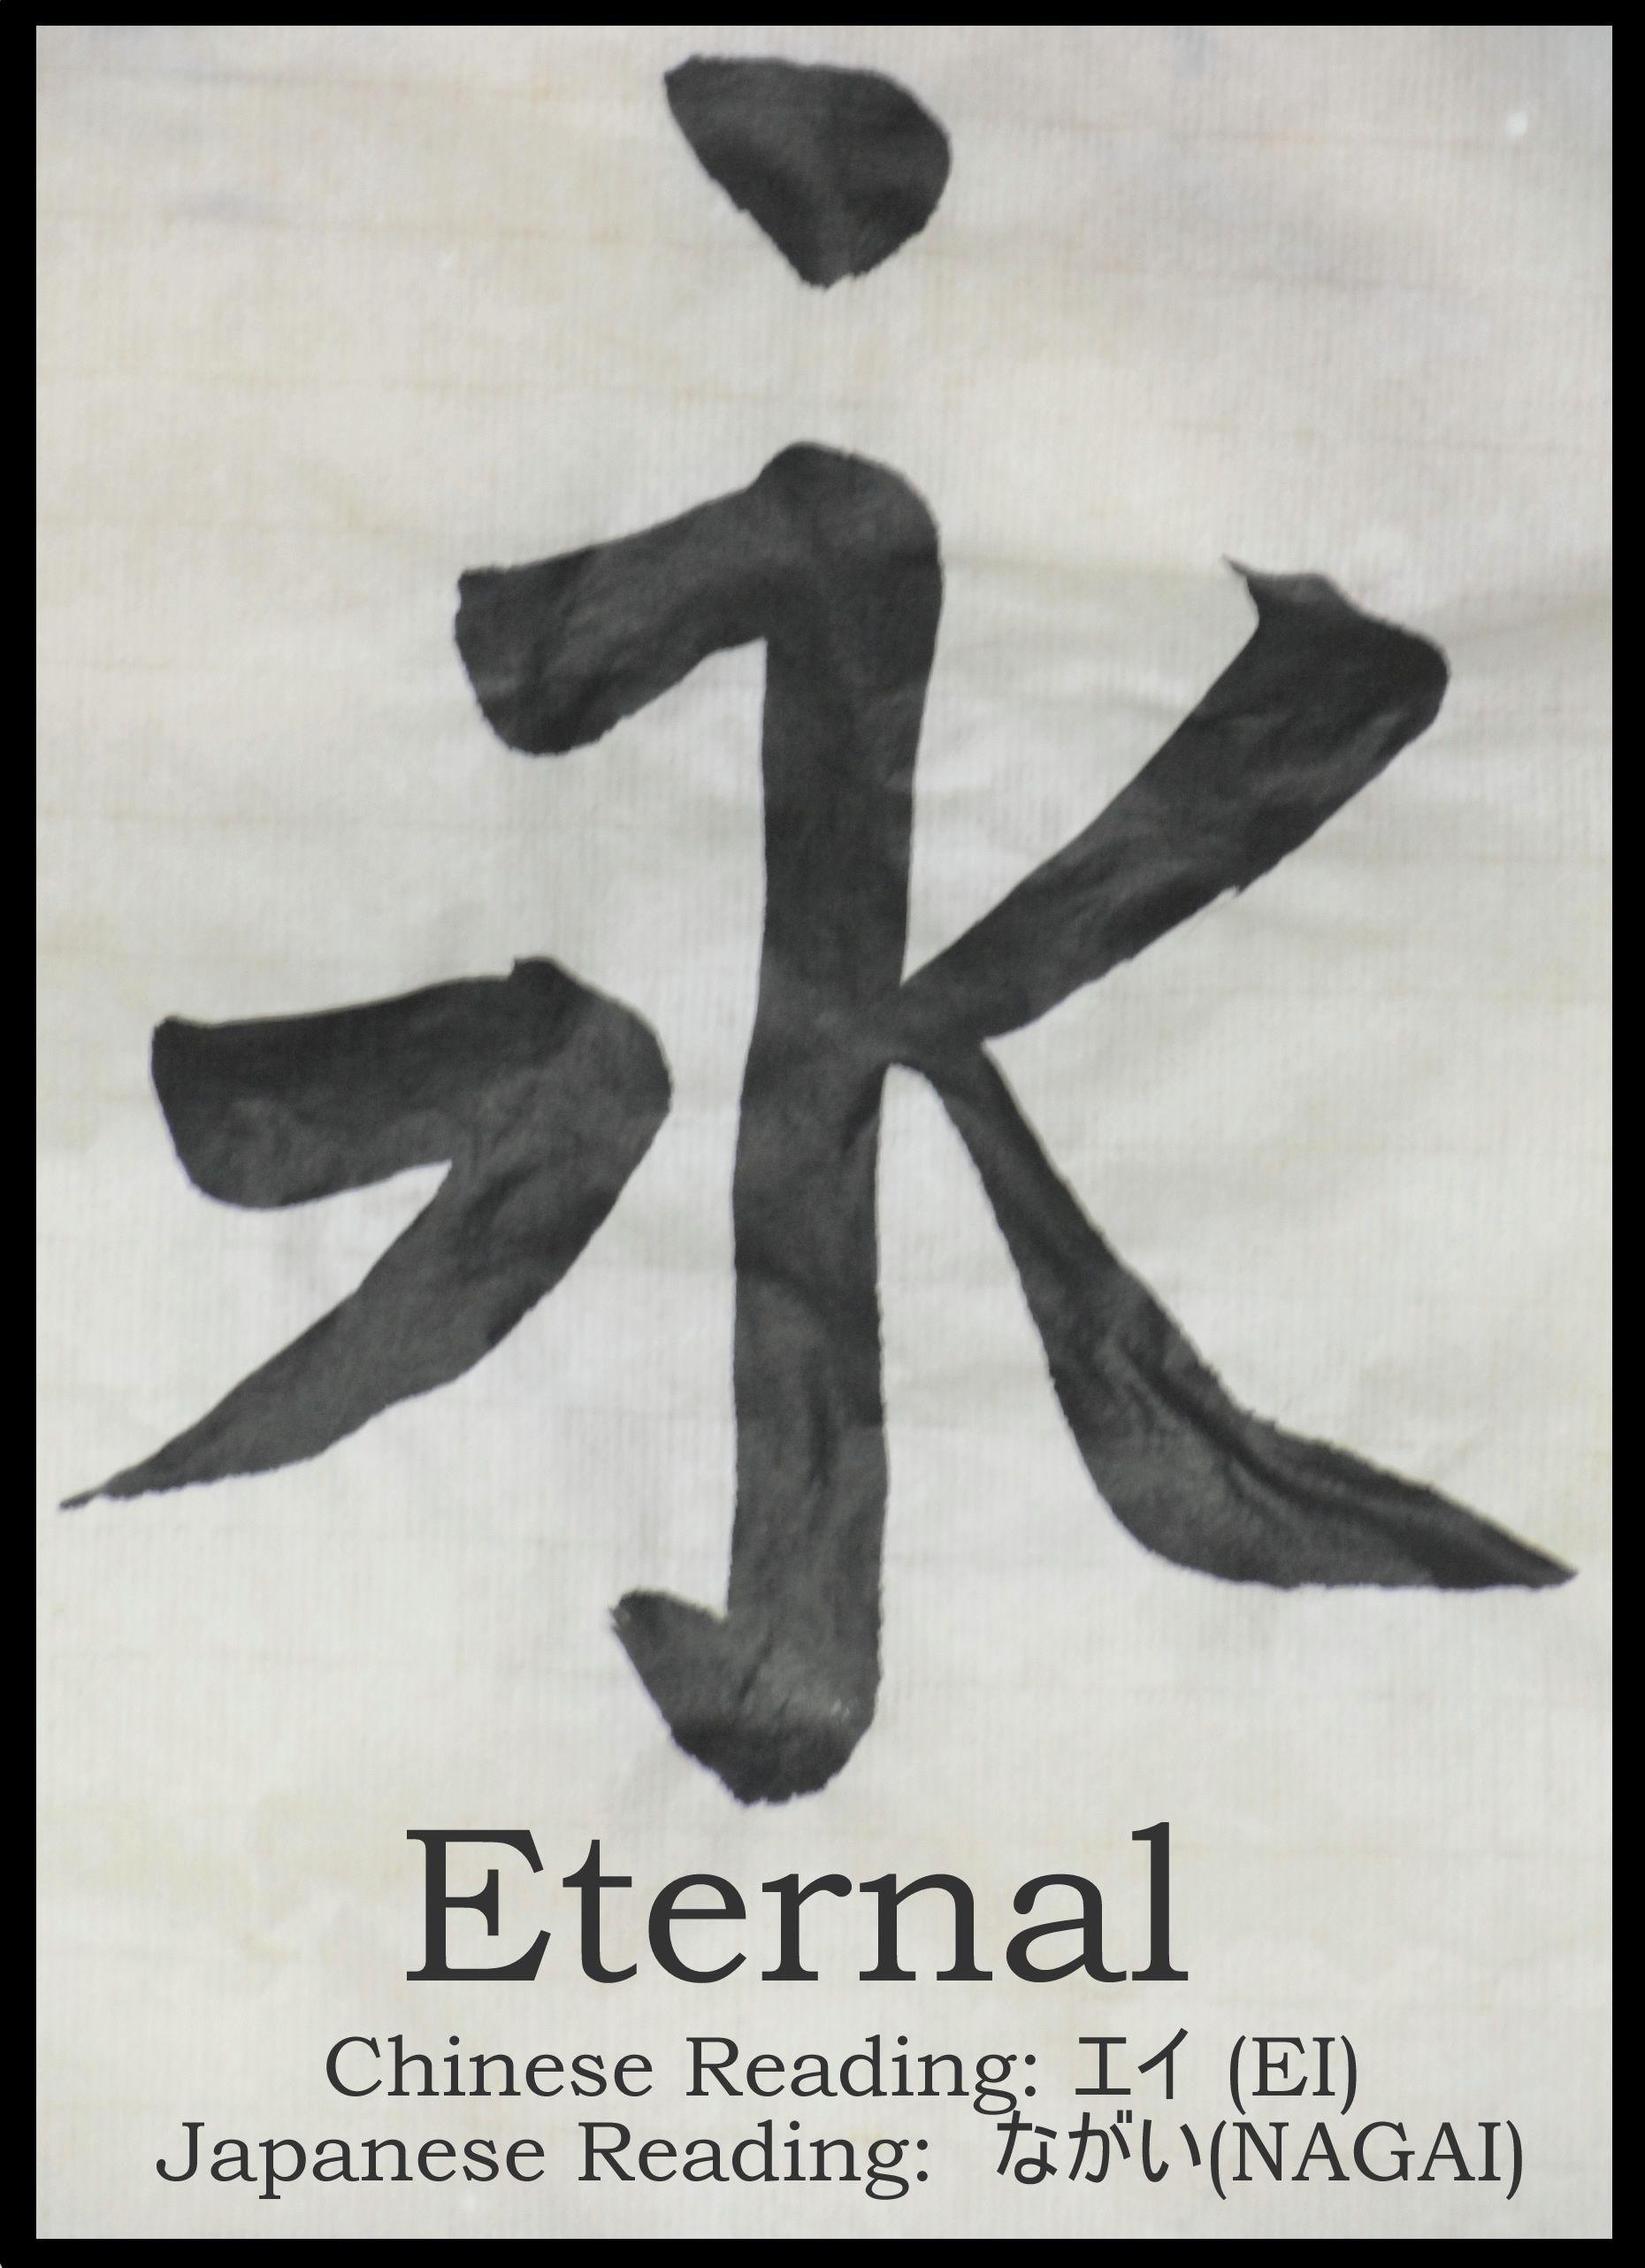 I chinese symbol images symbol and sign ideas chinese symbol for eternal life gallery symbol and sign ideas eternal kanji tattoo ideas pinterest tattoo buycottarizona